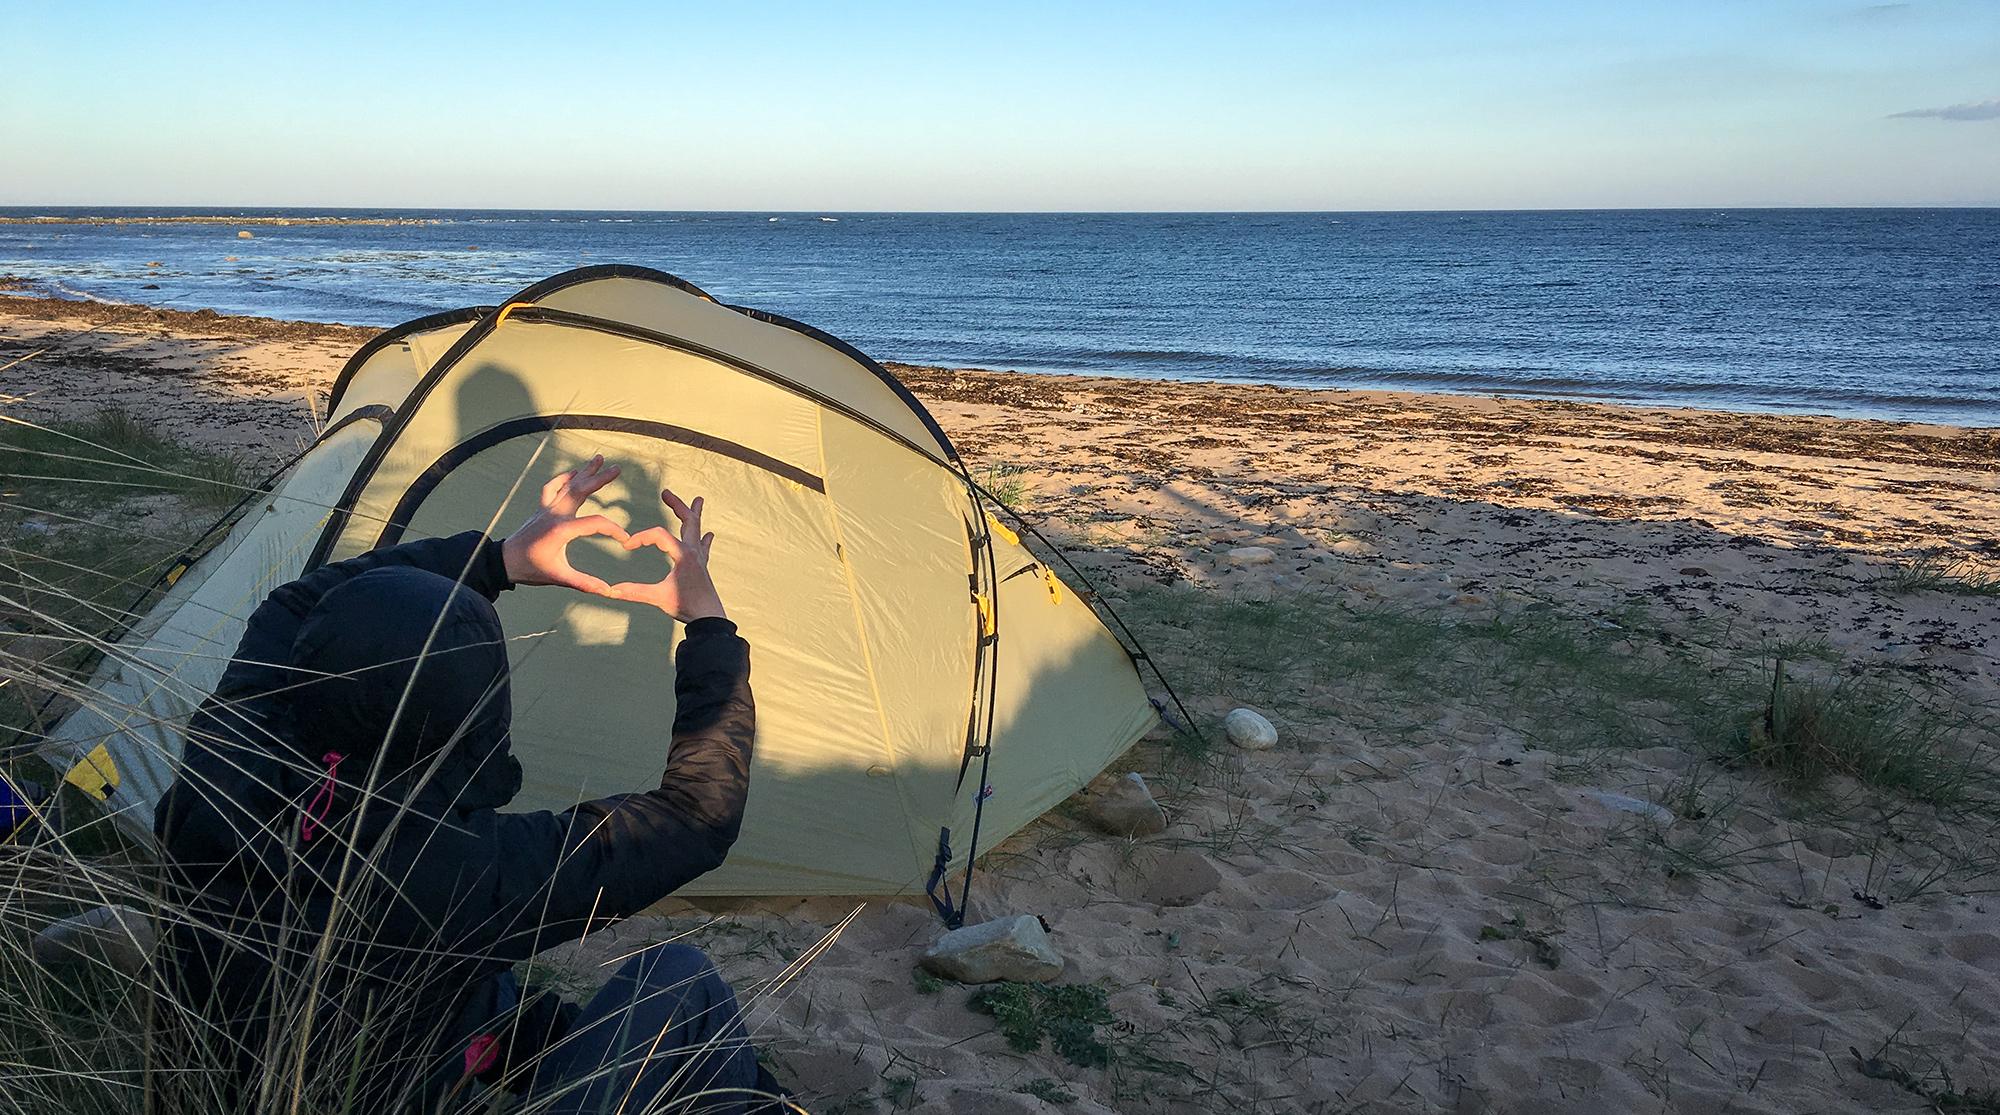 Wechsel Zelt Zero-G Zelt am Strand mit Herz Zeichen Schatten